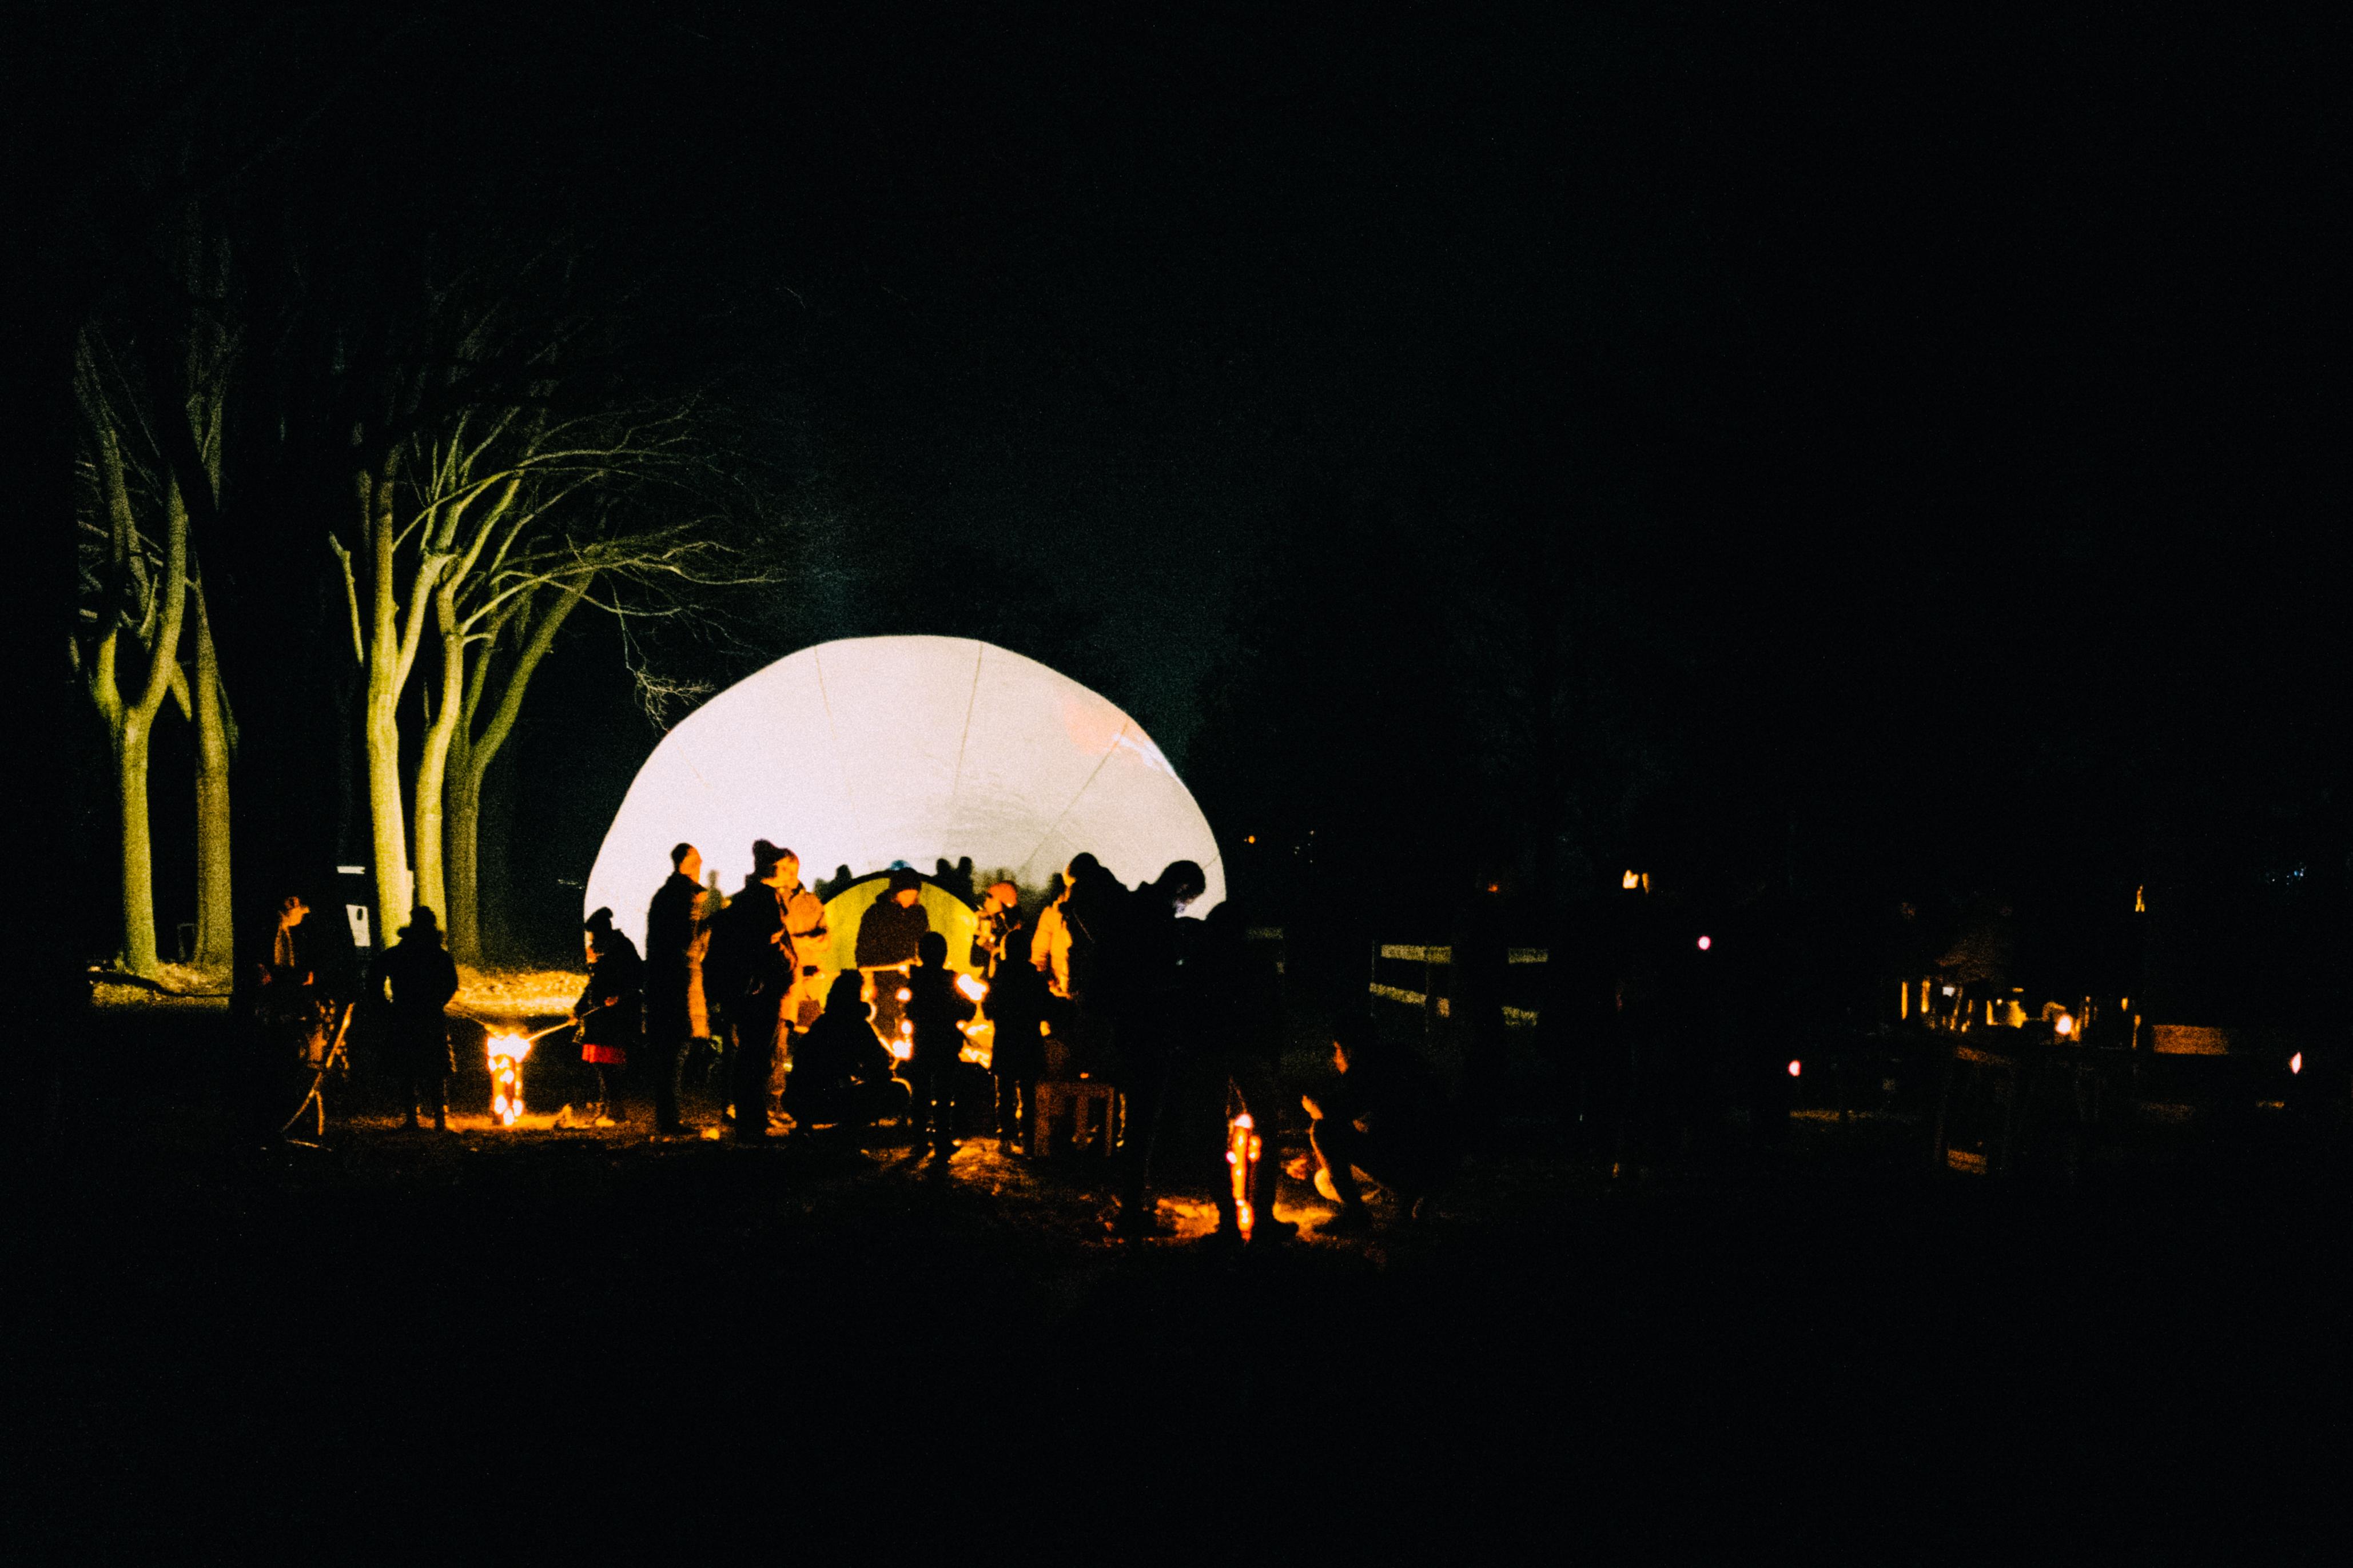 21.12.16 | Lichterfest in der Gärtnerei – Es war so schön!